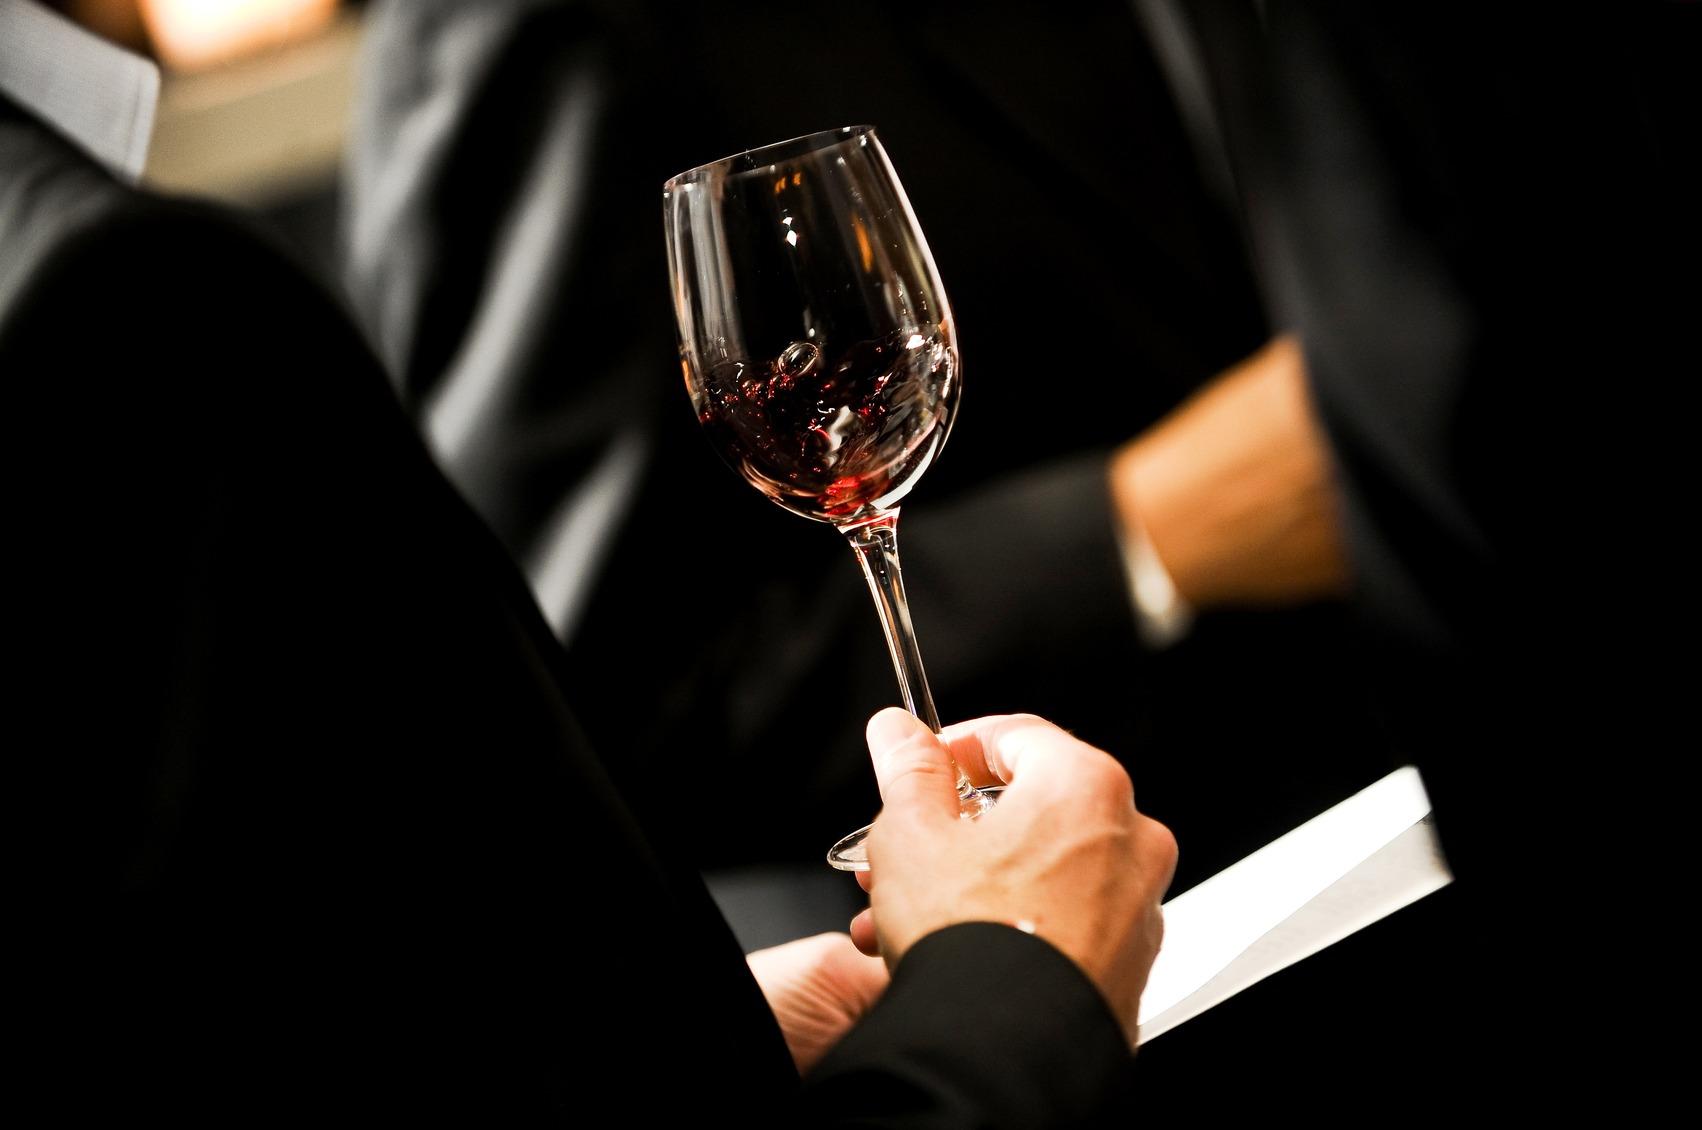 Vinhos produzidos com uvas não tradicionais no Hyatt Wine Club